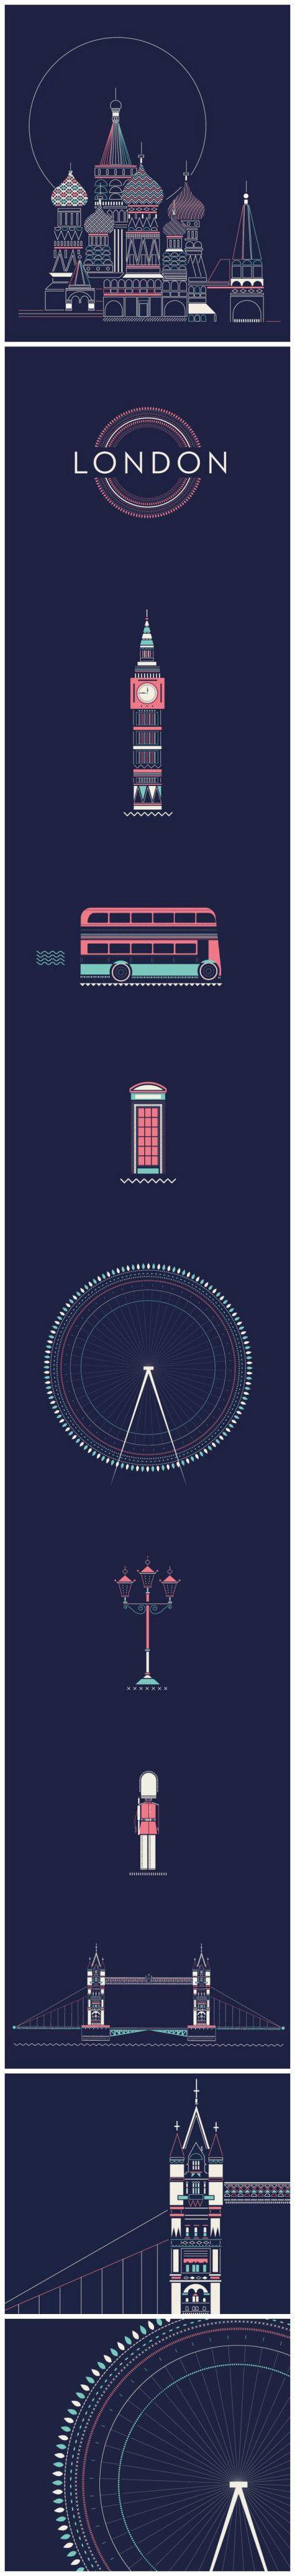 阿根廷設計師Verónica做了一組城市海報,以各色的細線和小色塊做了莫斯科,巴黎,倫敦三個城市的海報。